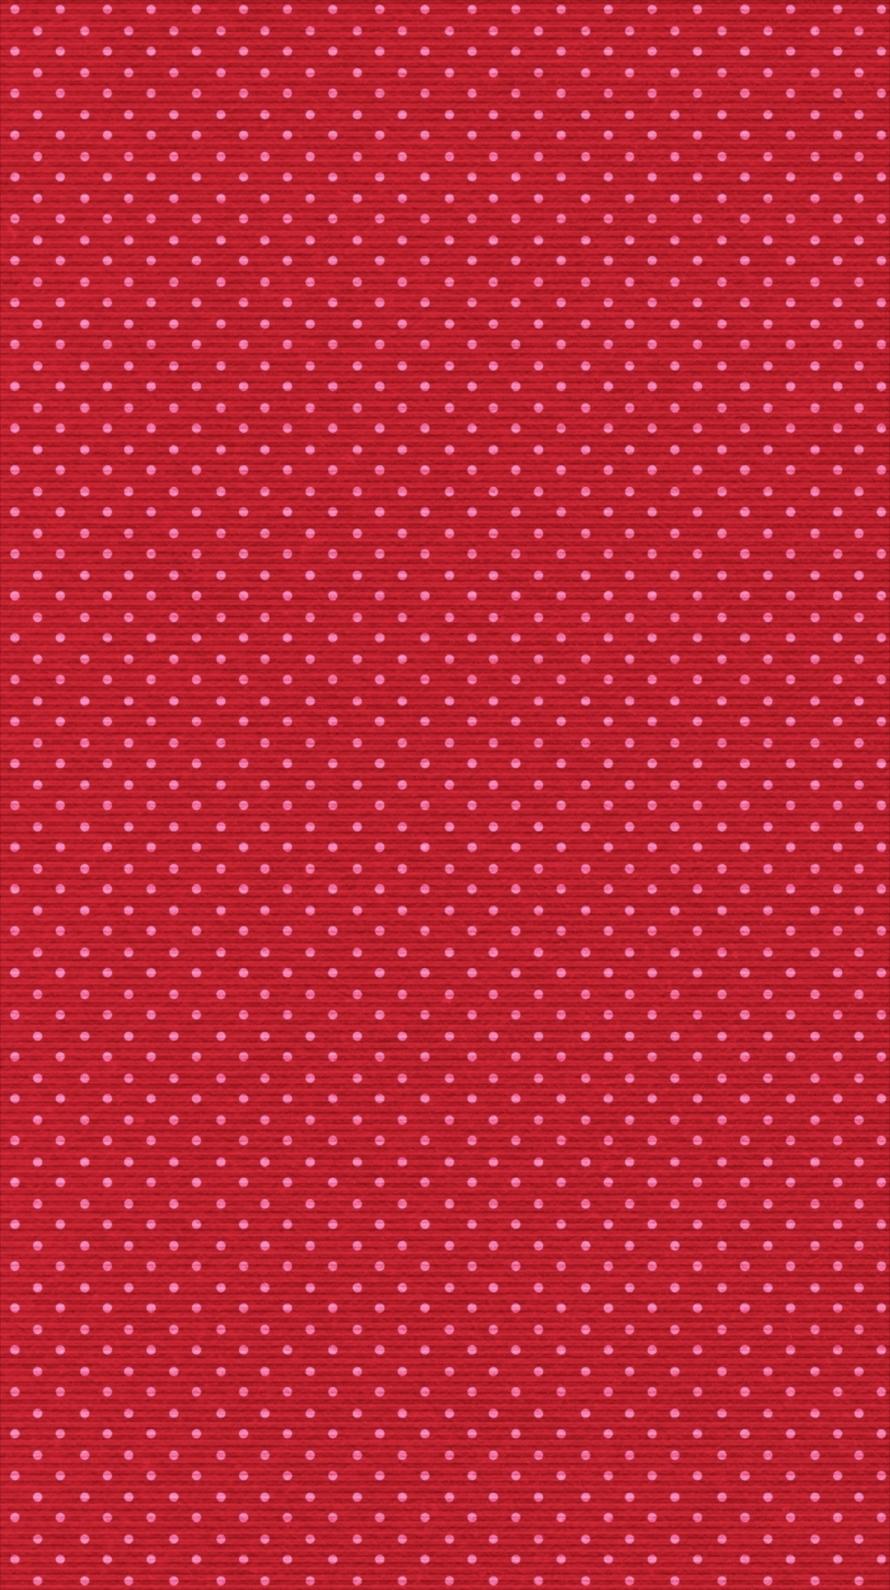 赤地 ピンクの水玉 iPhone6壁紙